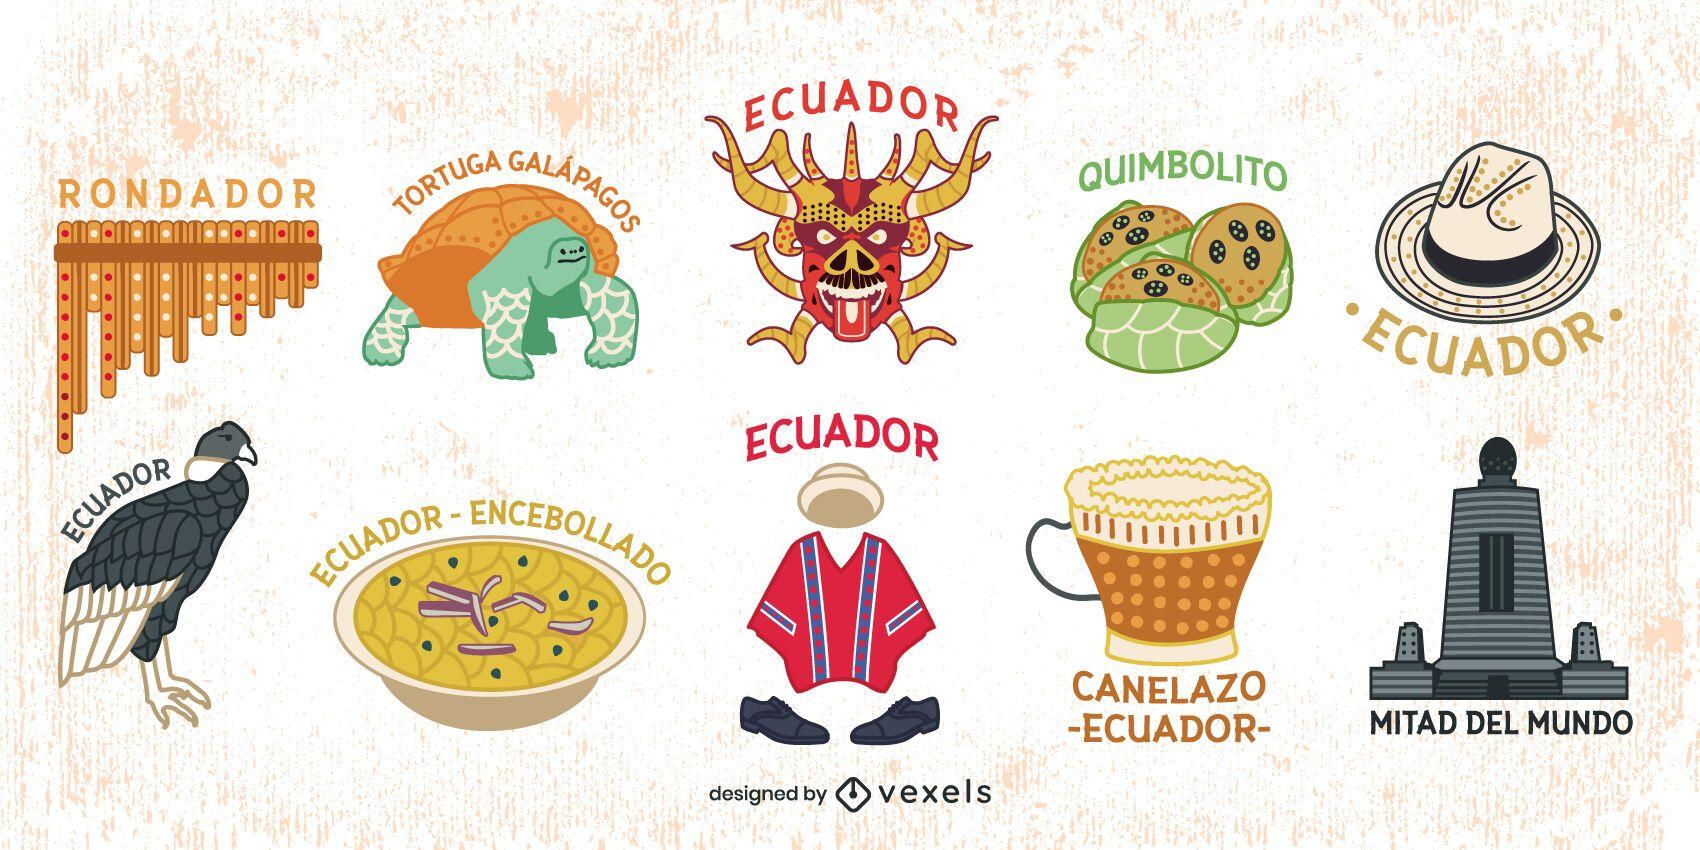 Pacote de Elementos Coloridos do Equador